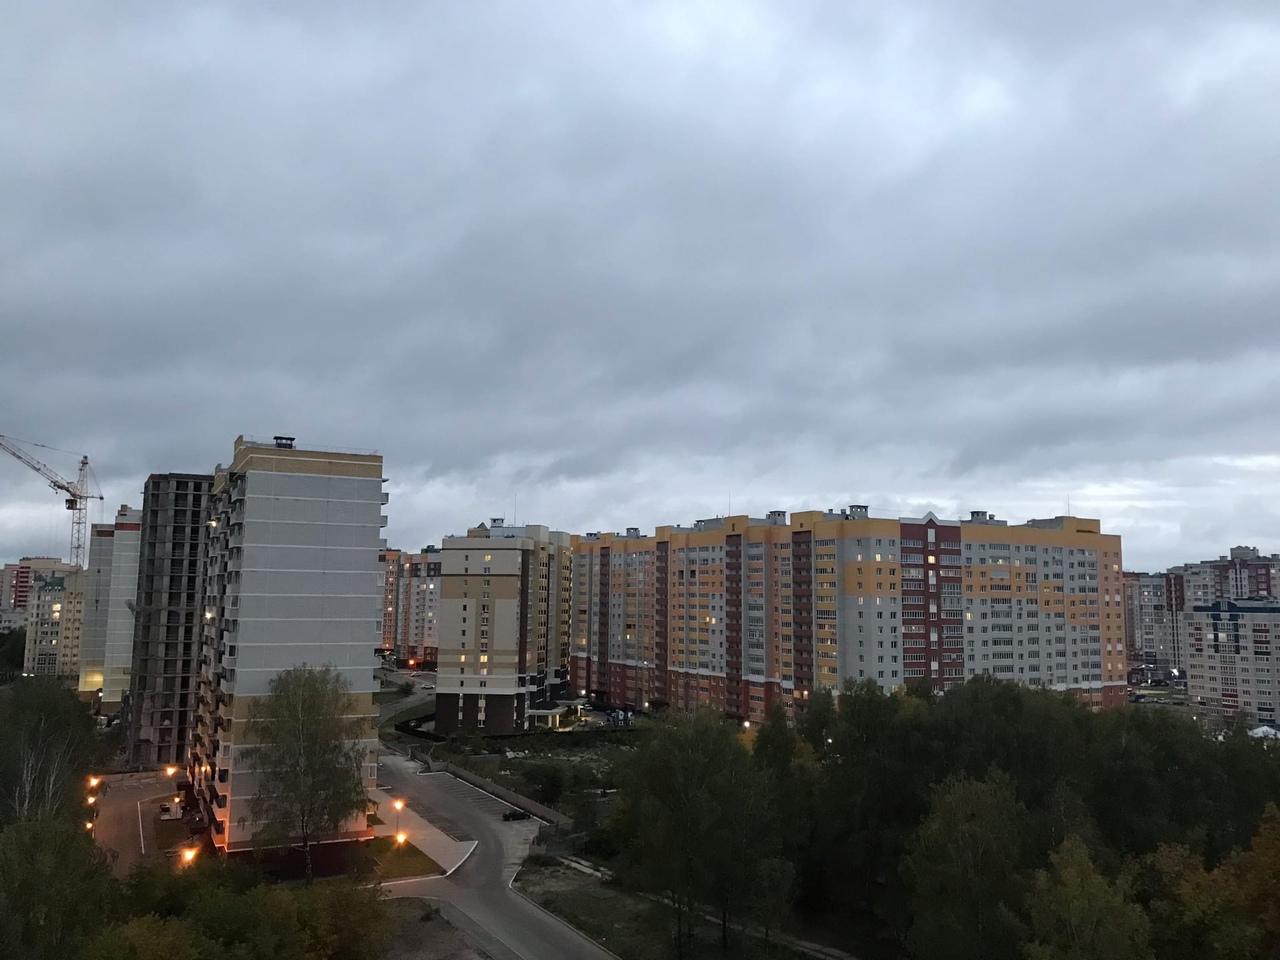 20 октября на территории Брянской области прогнозируют 5 градусов мороза и дождь